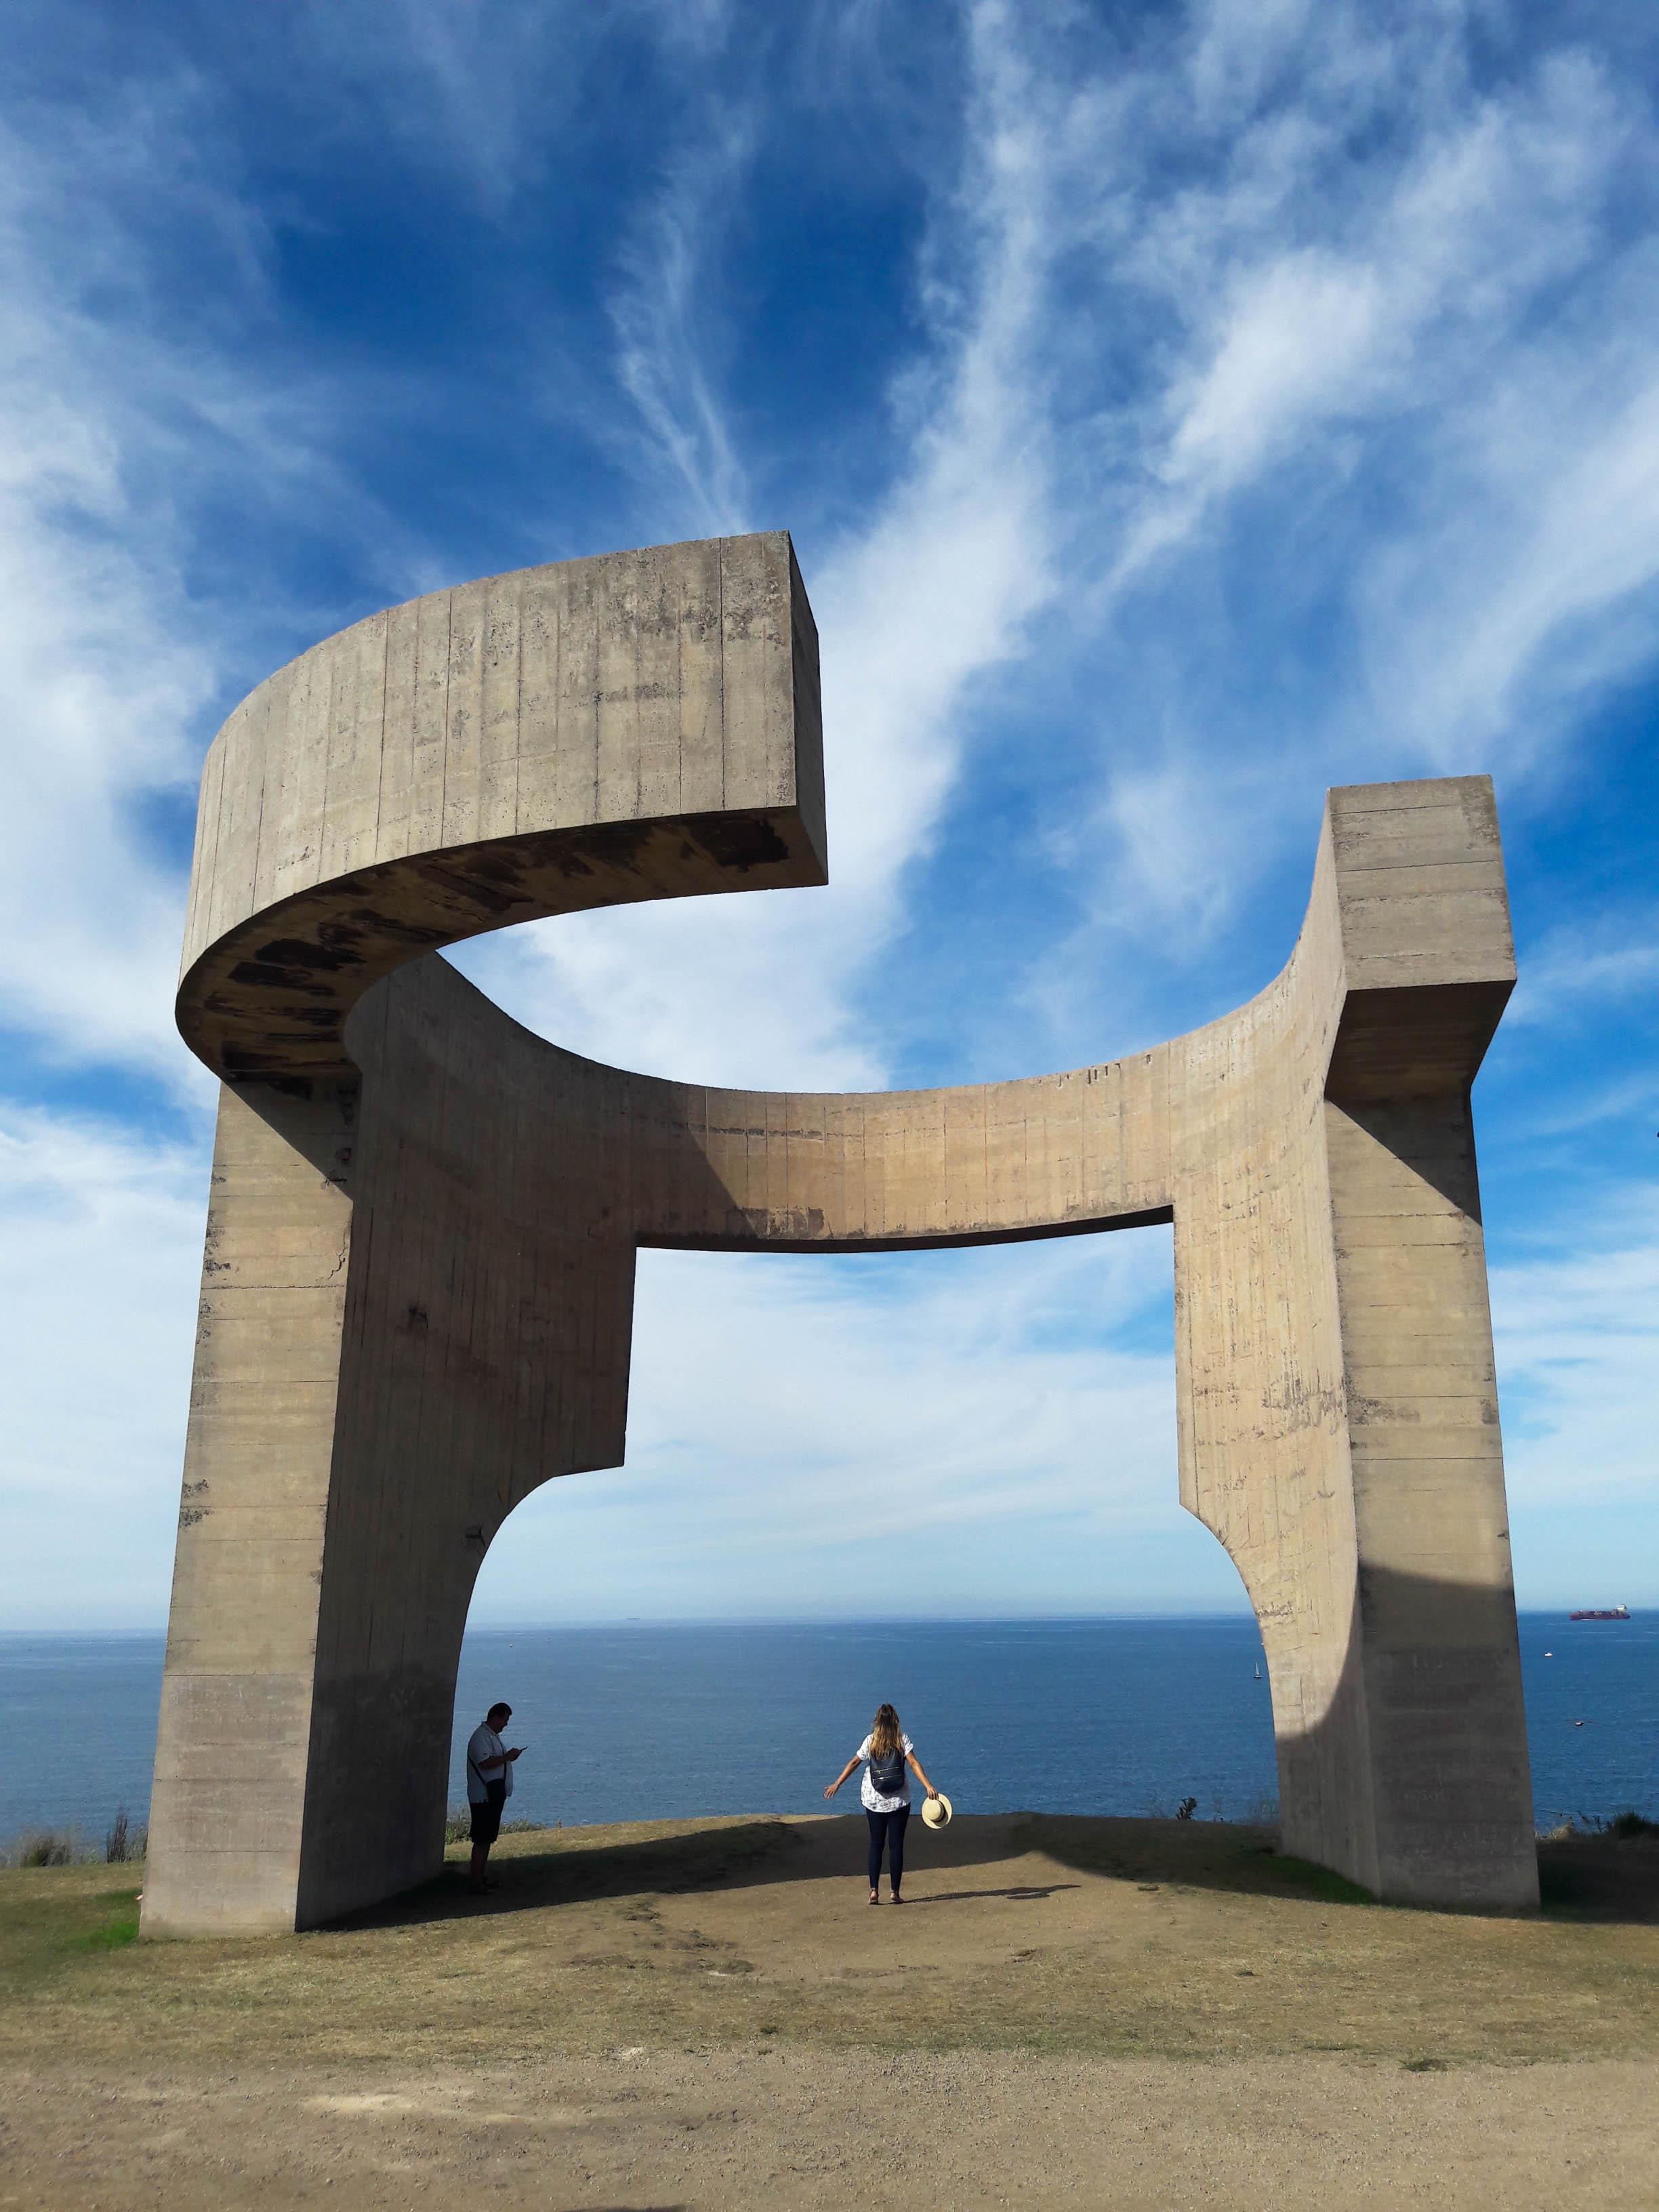 Elogio del Horizonte, Parque del Cerro de Santa Catalina, Gijón